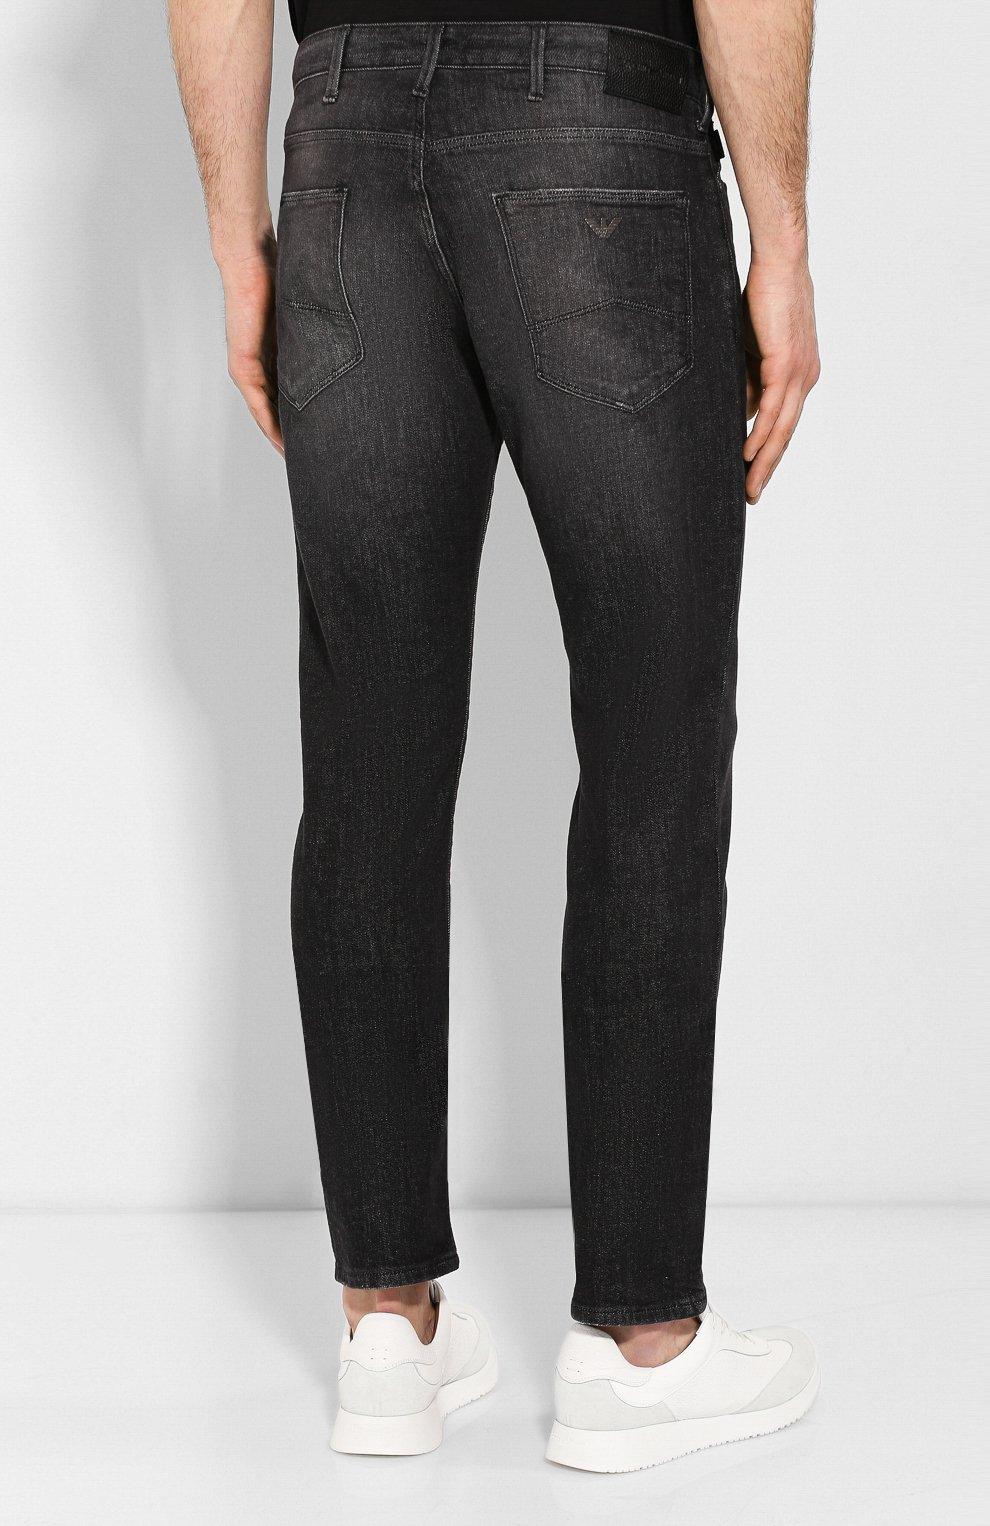 Мужские джинсы прямого кроя EMPORIO ARMANI серого цвета, арт. 8N1J06/1DT5Z | Фото 4 (Силуэт М (брюки): Прямые; Длина (брюки, джинсы): Стандартные; Материал внешний: Хлопок)